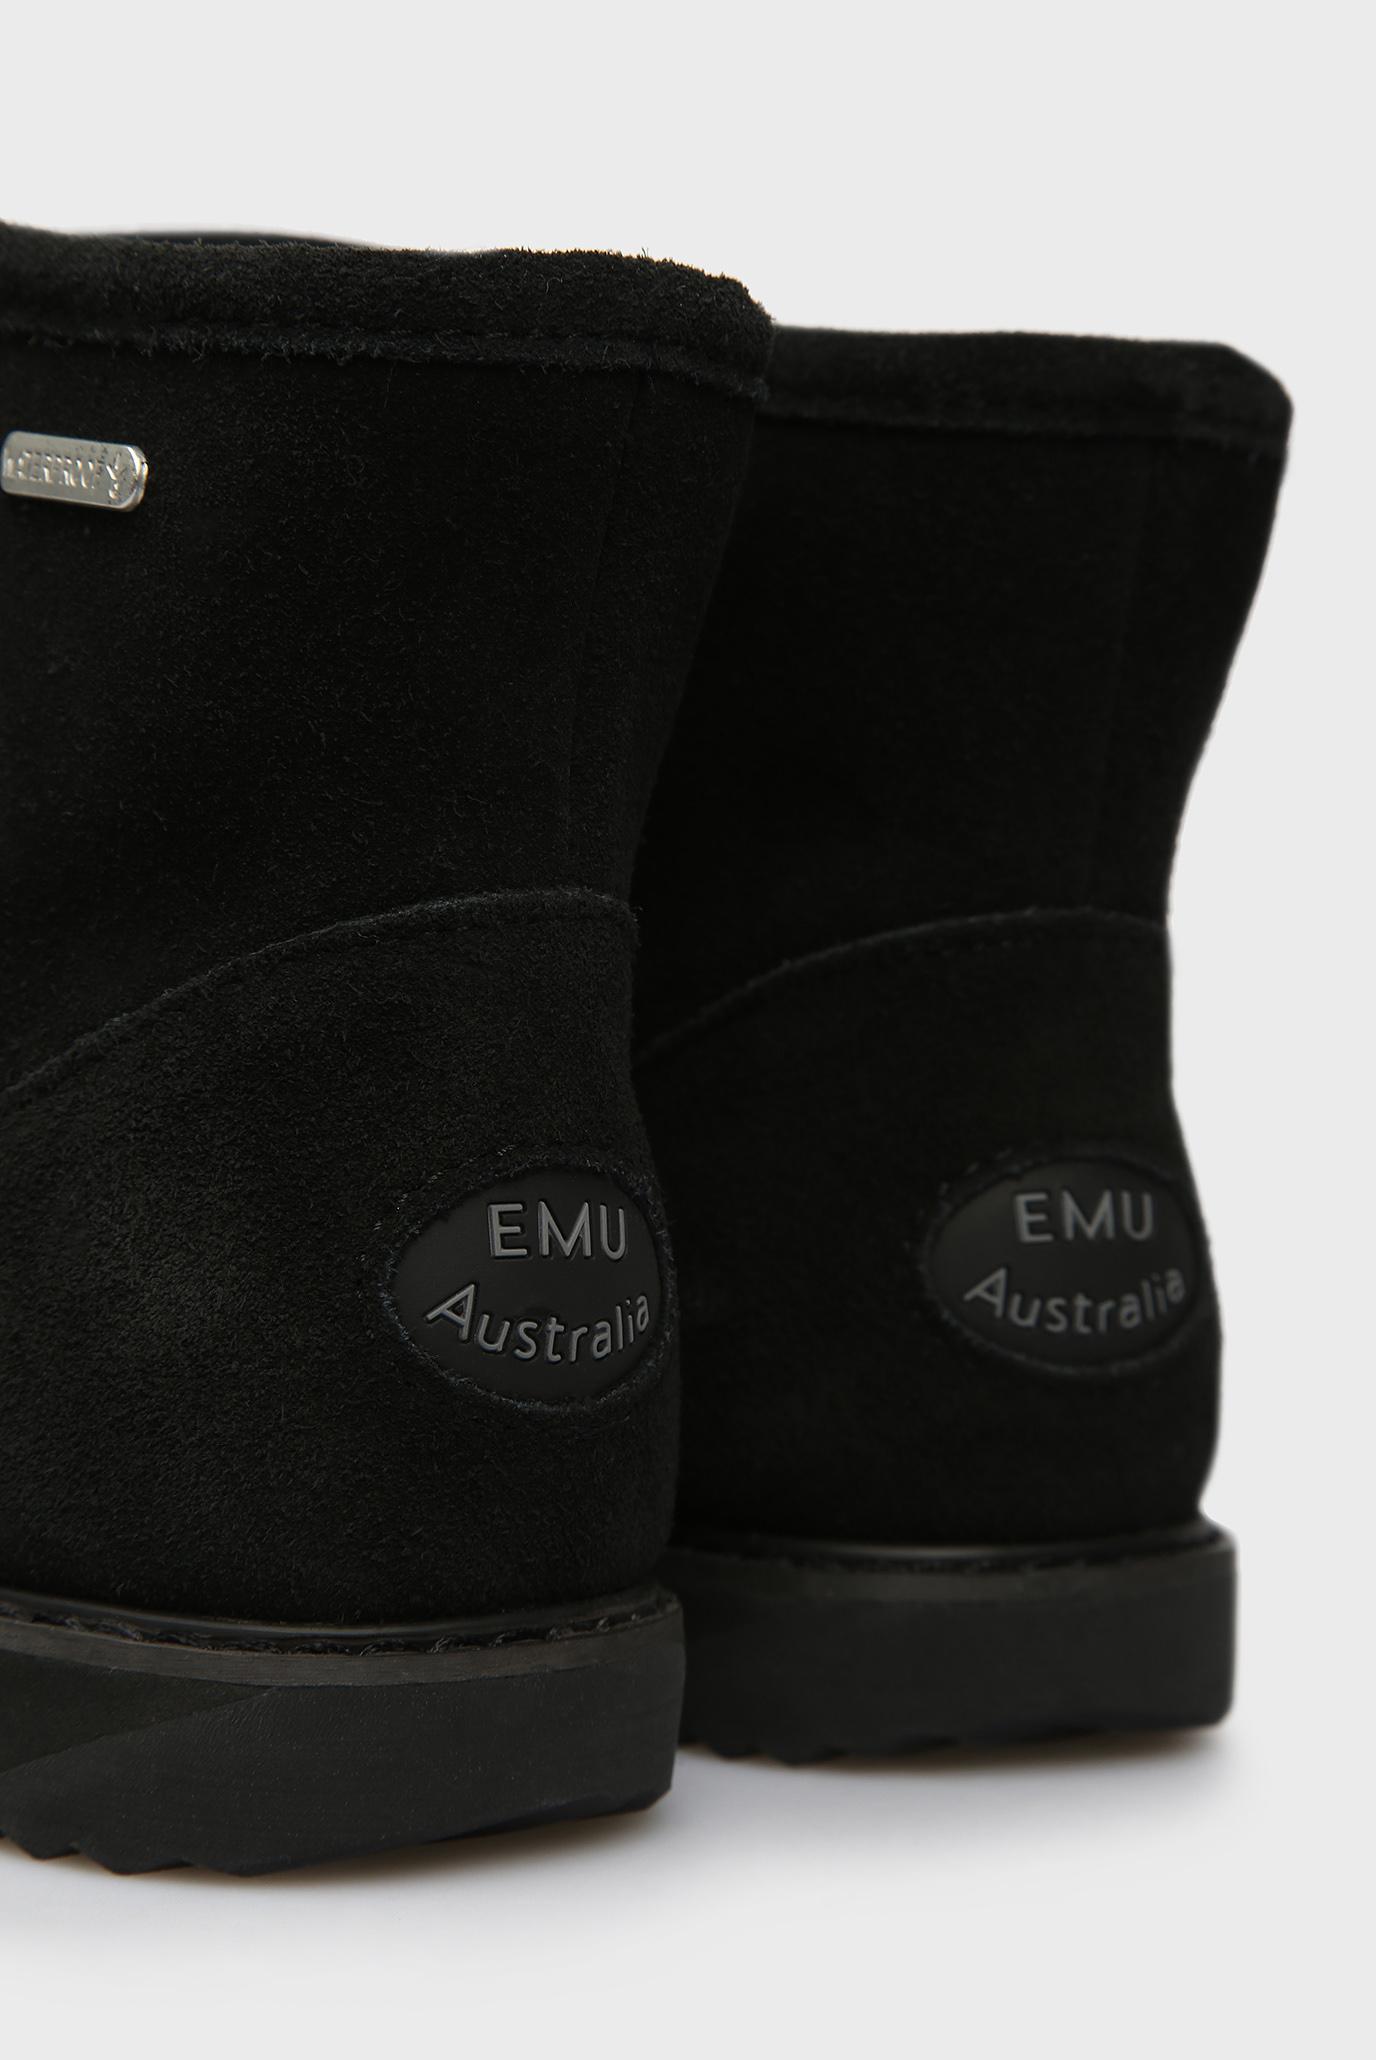 Купить Женские черные замшевые угги Paterson Classic Mini EMU Australia  EMU Australia  W11619 – Киев, Украина. Цены в интернет магазине MD Fashion